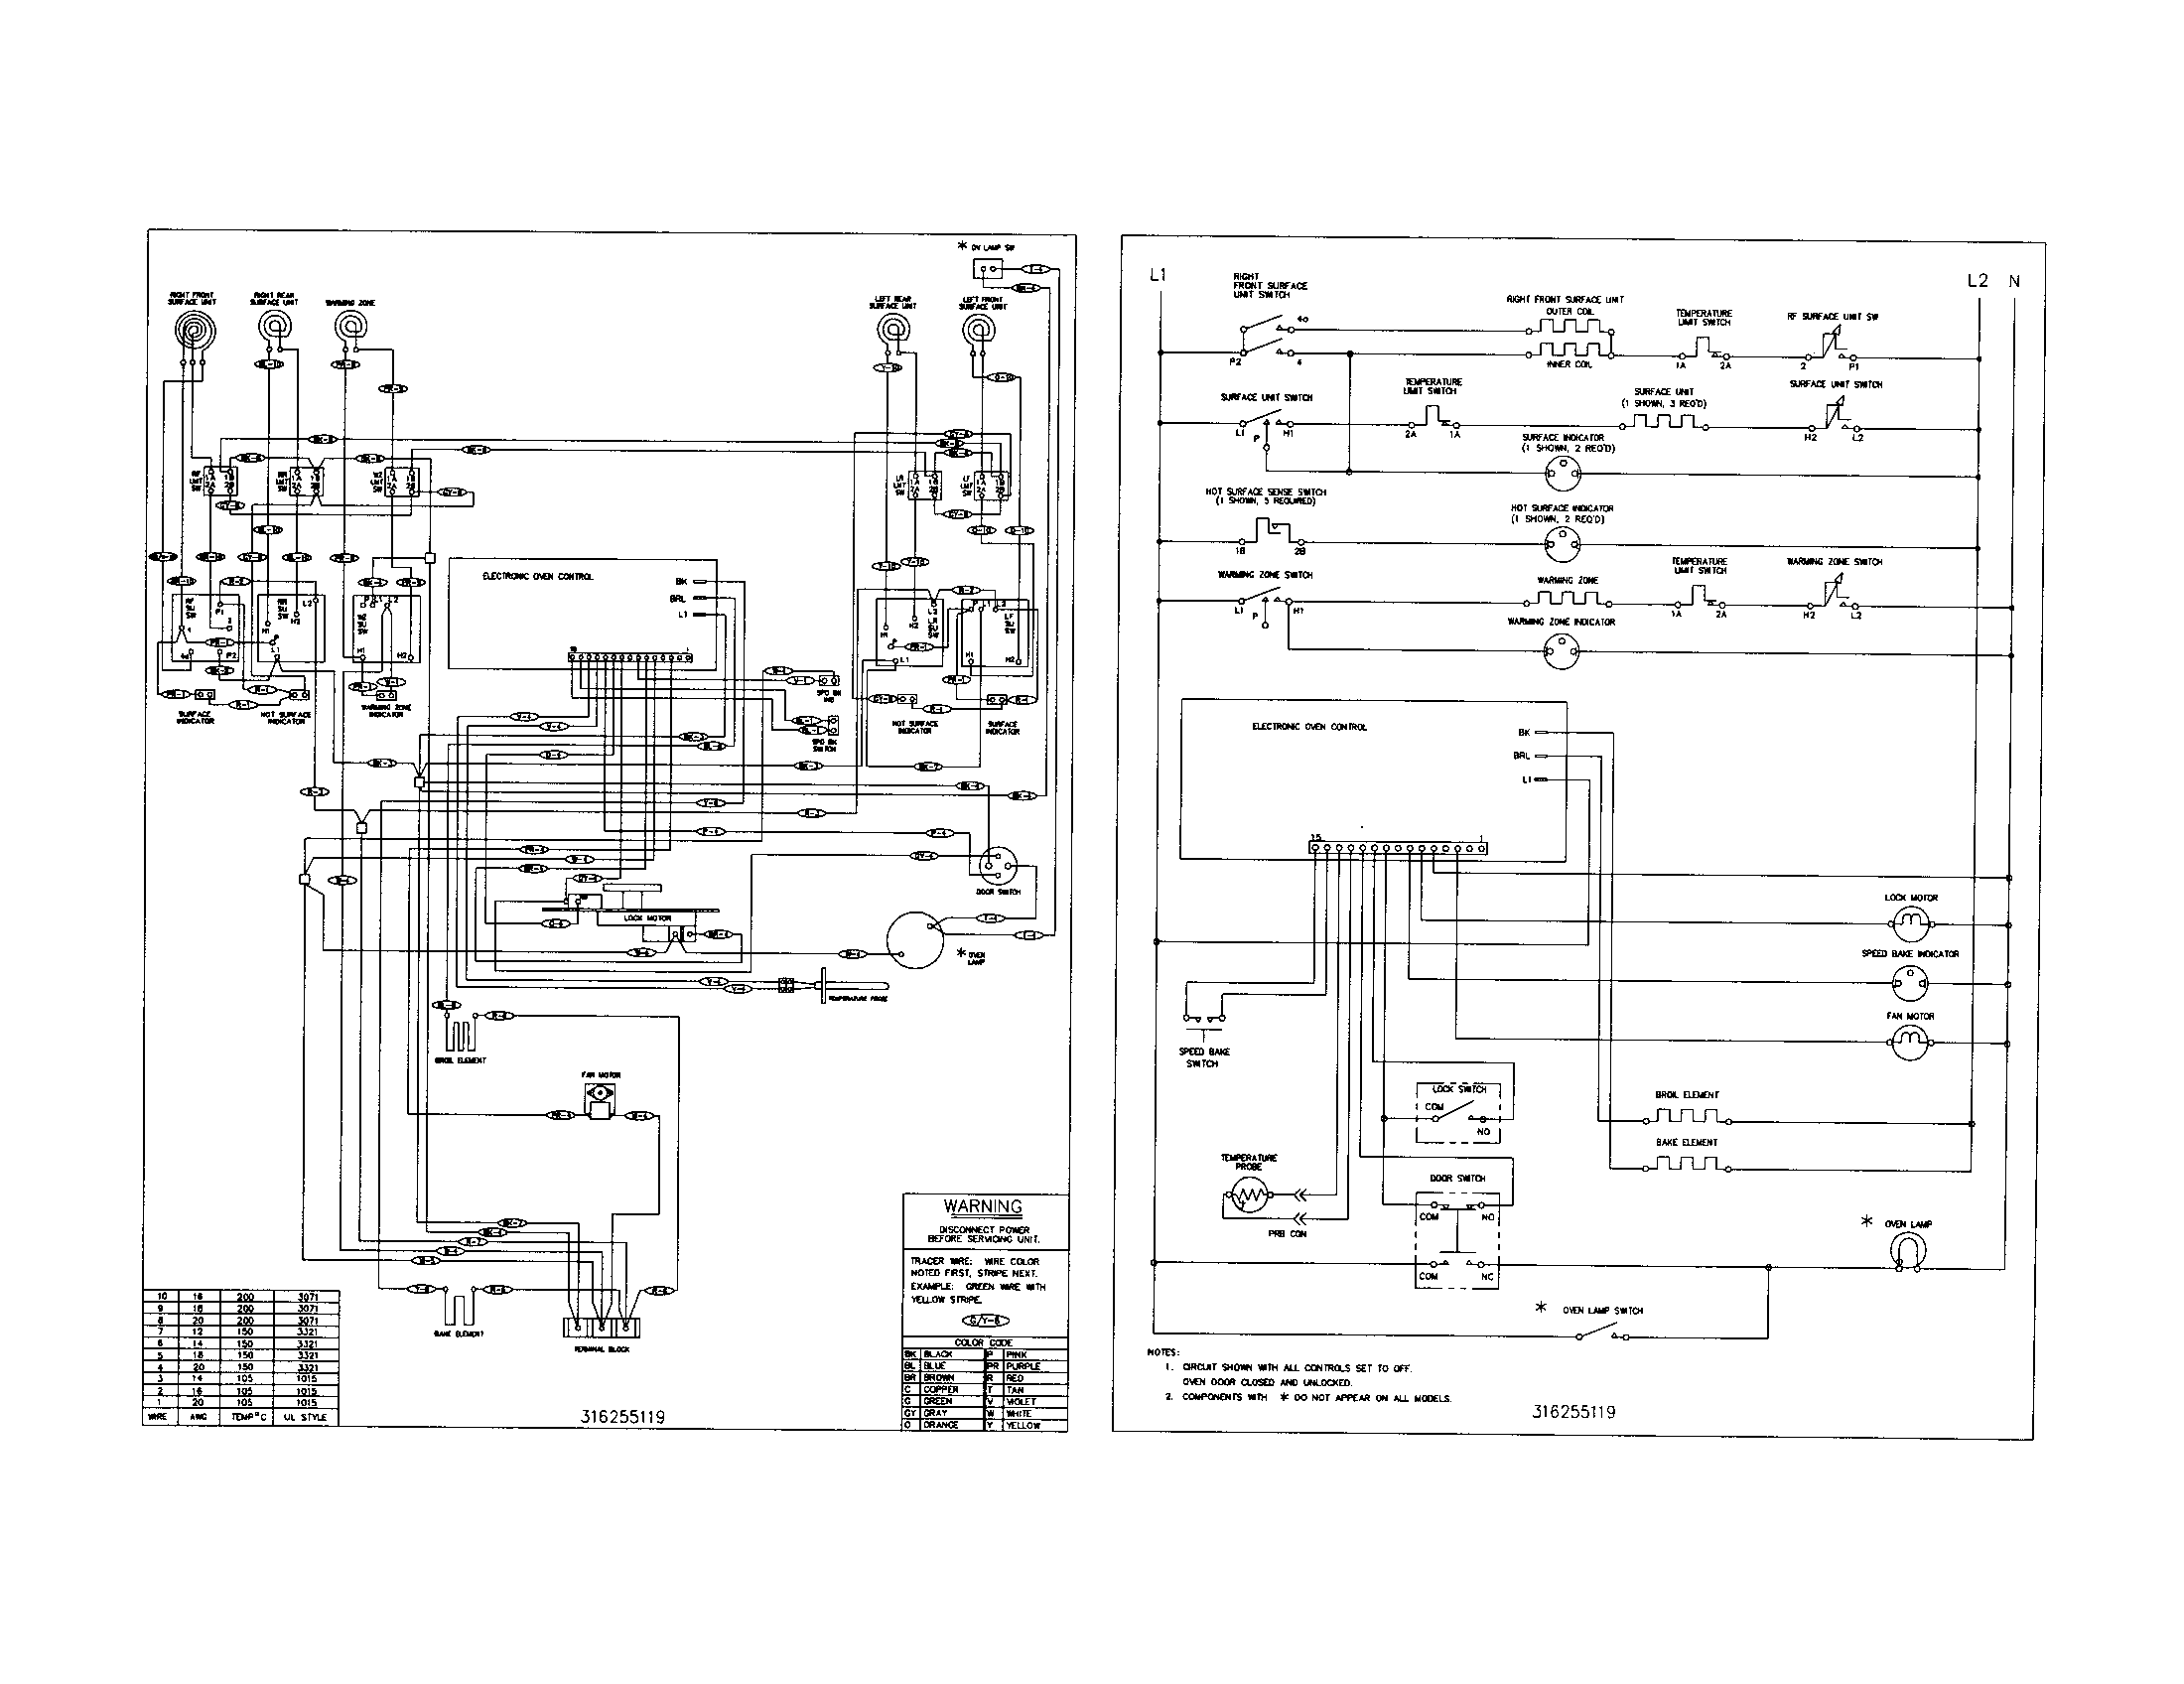 2002 s430 fuse diagram